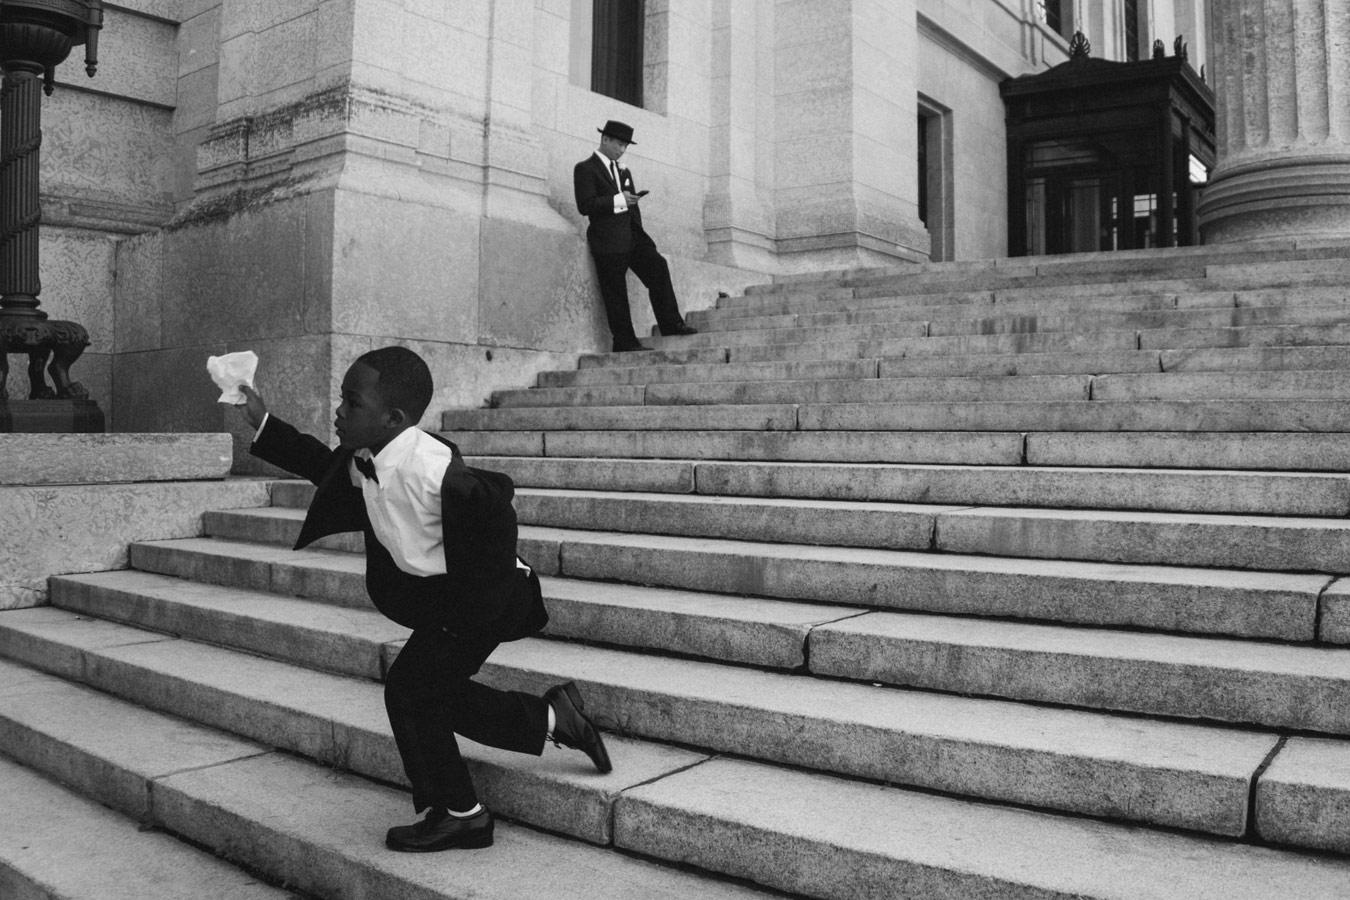 Тема: Люди, ноябрь 2016, © Асиф Ахмед, Фотоконкурс «Независимый фотограф» — The Independent Photographer